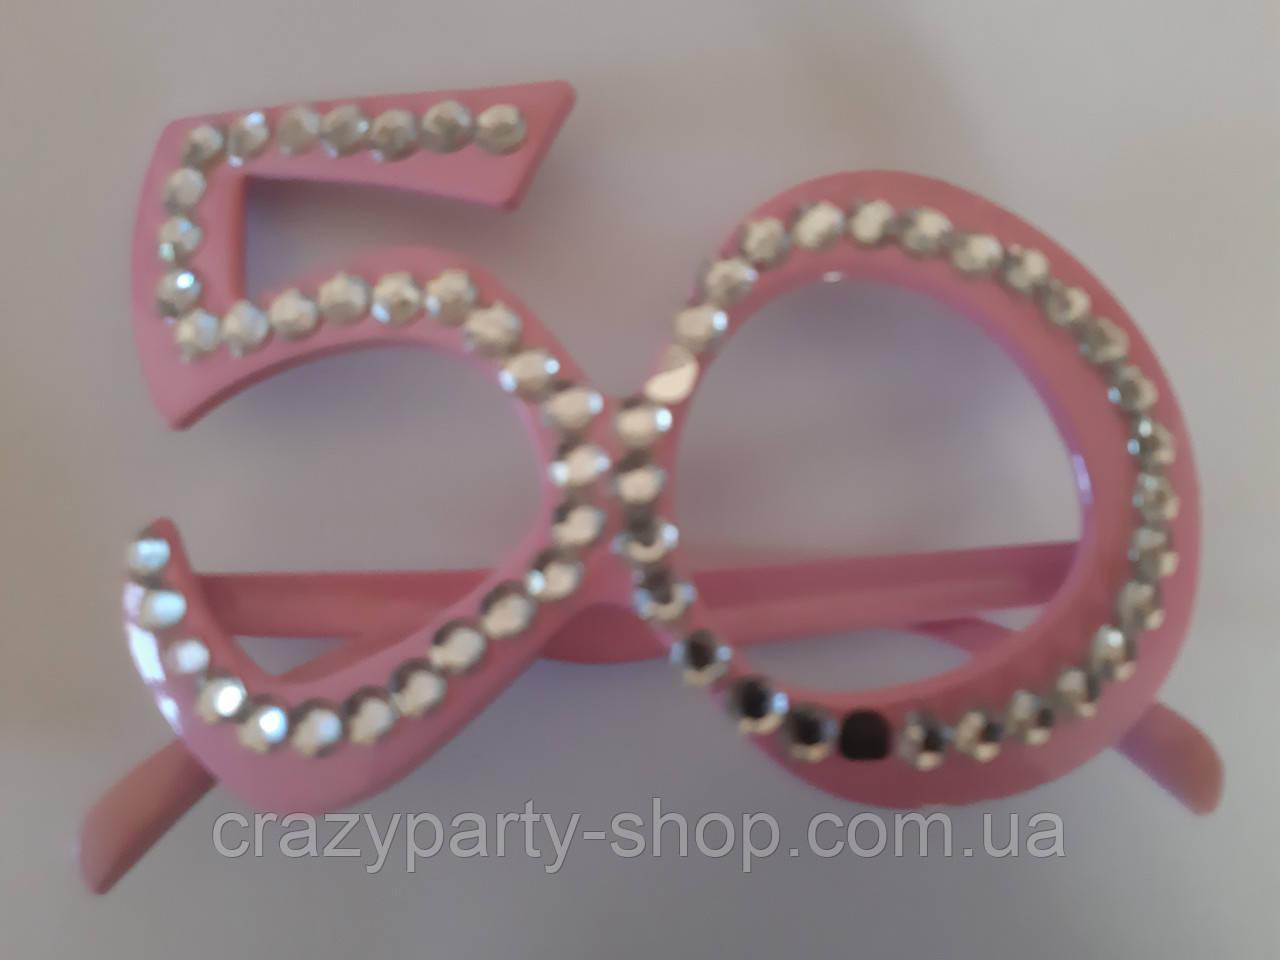 Очки прикольные карнавальные 50 лет